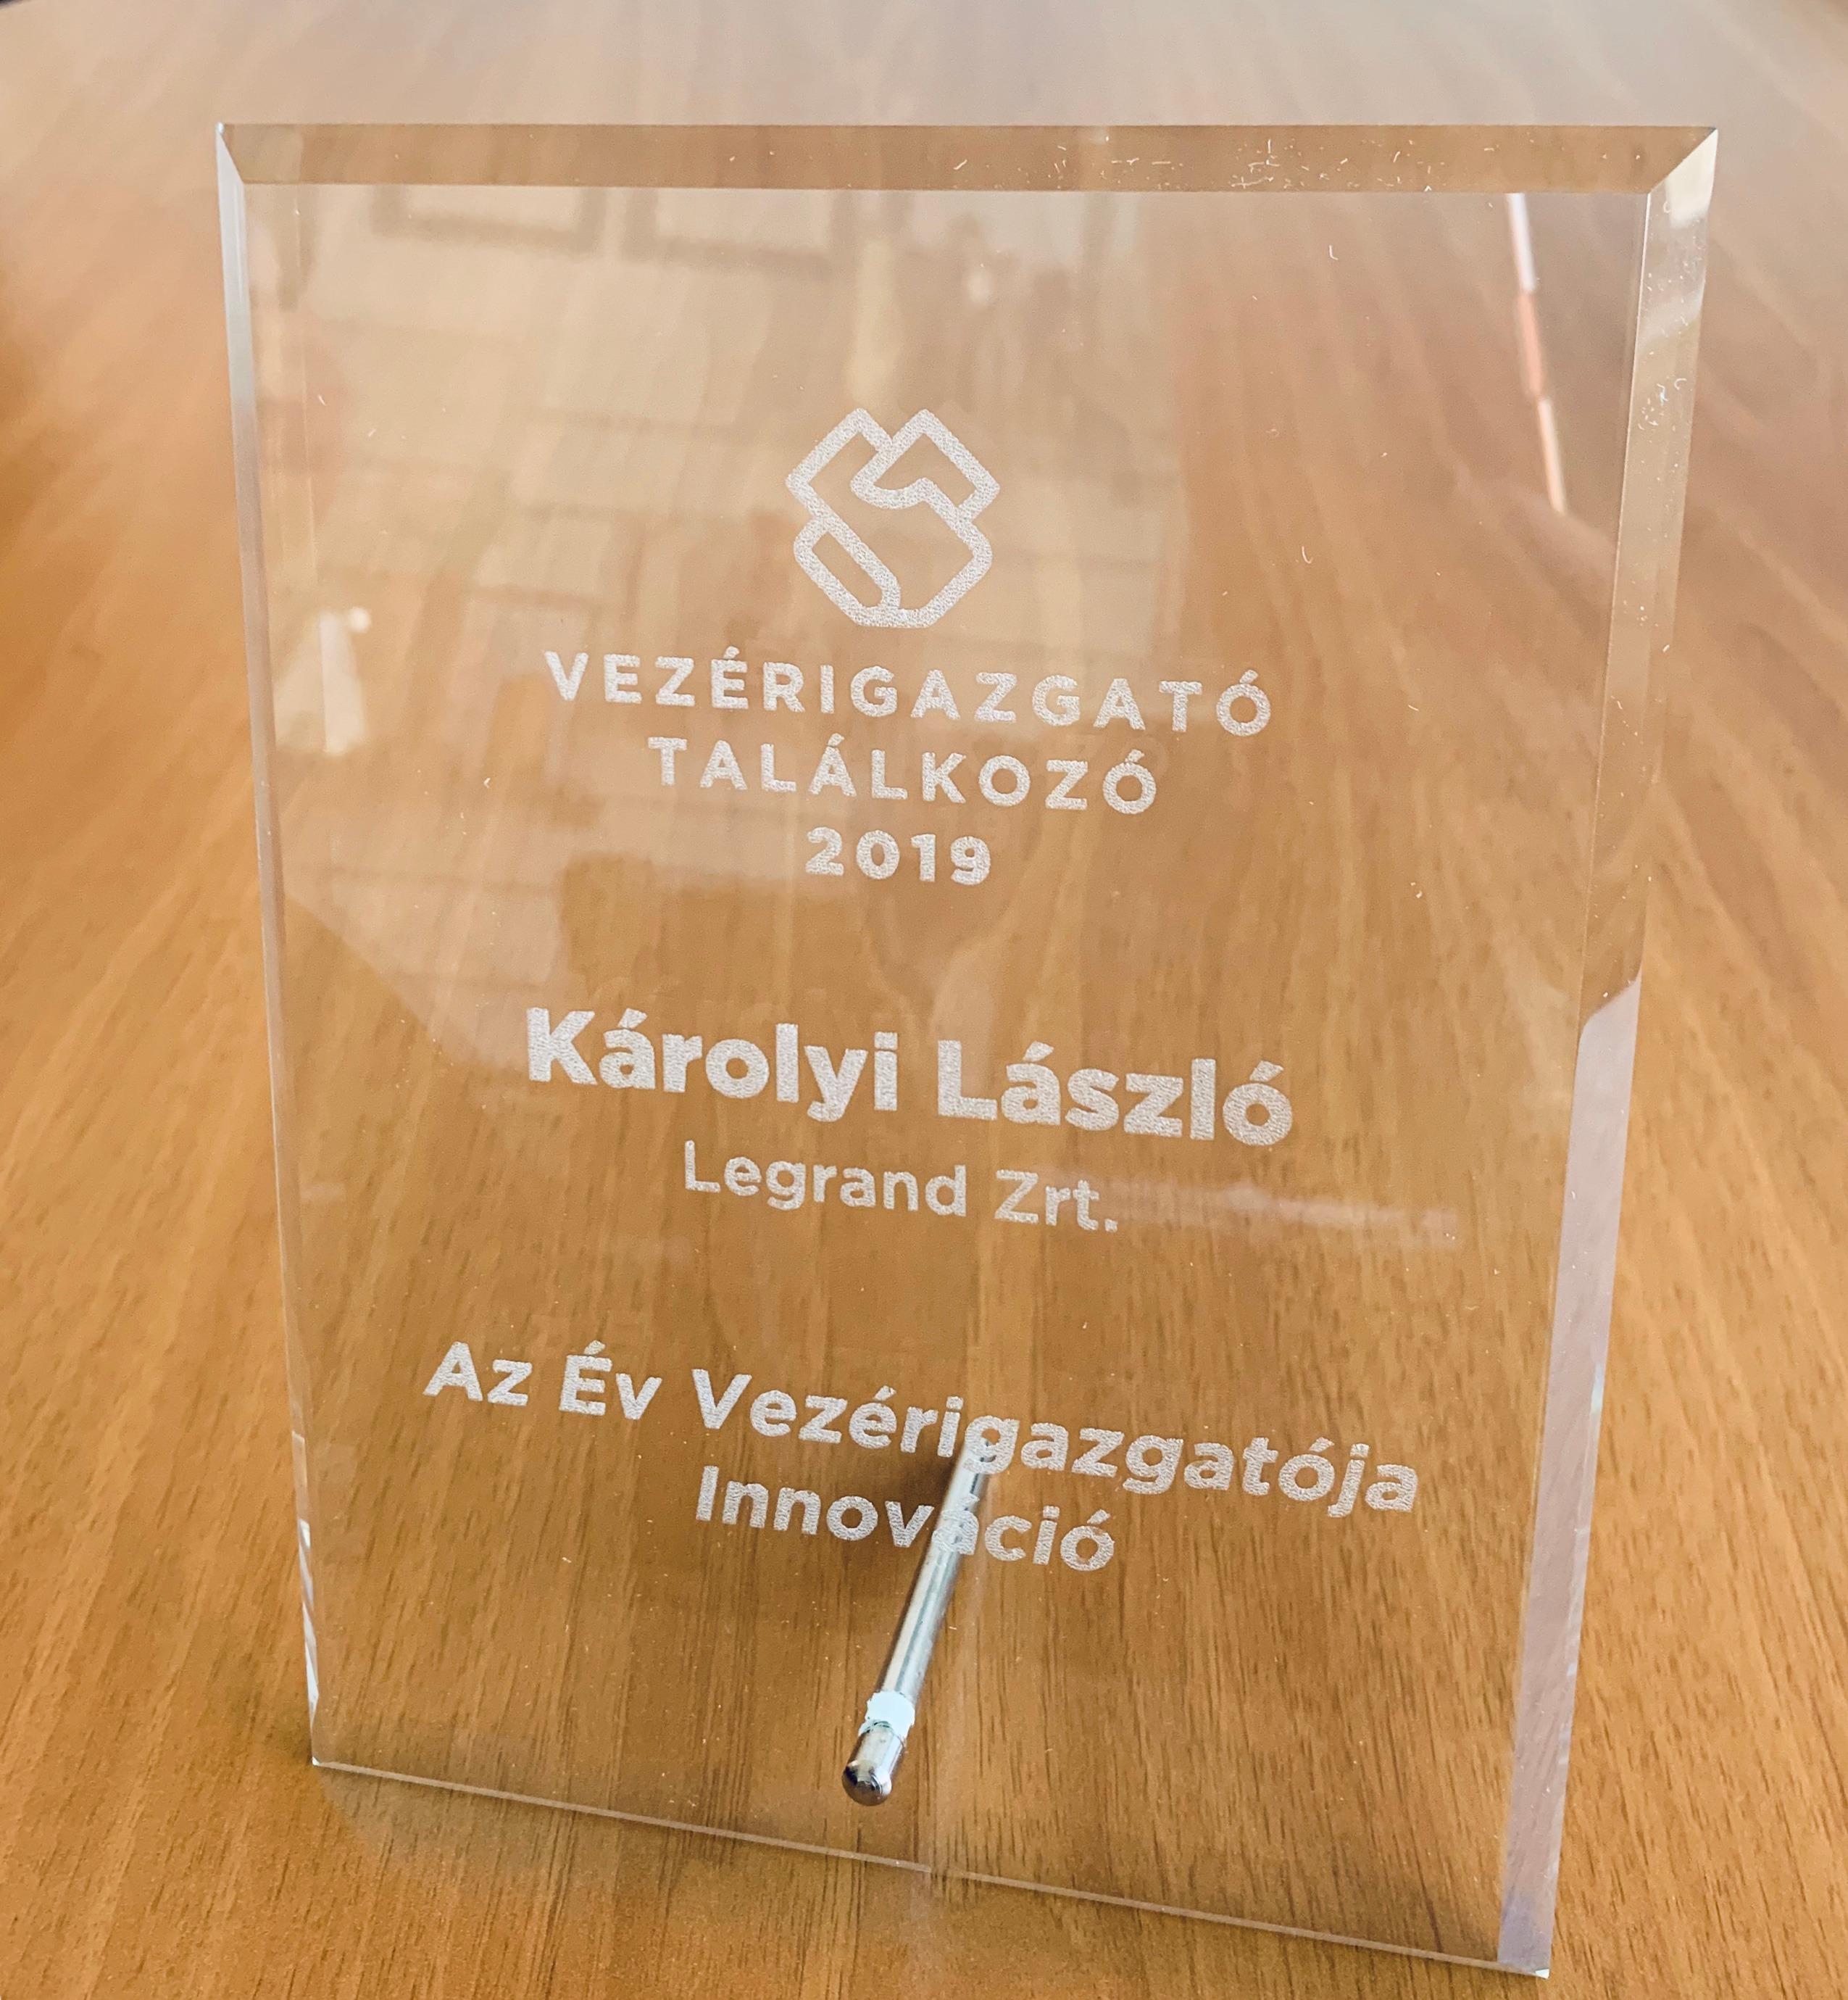 Károlyi László 'Az év vezérigazgatója -Innováció' kategóriában